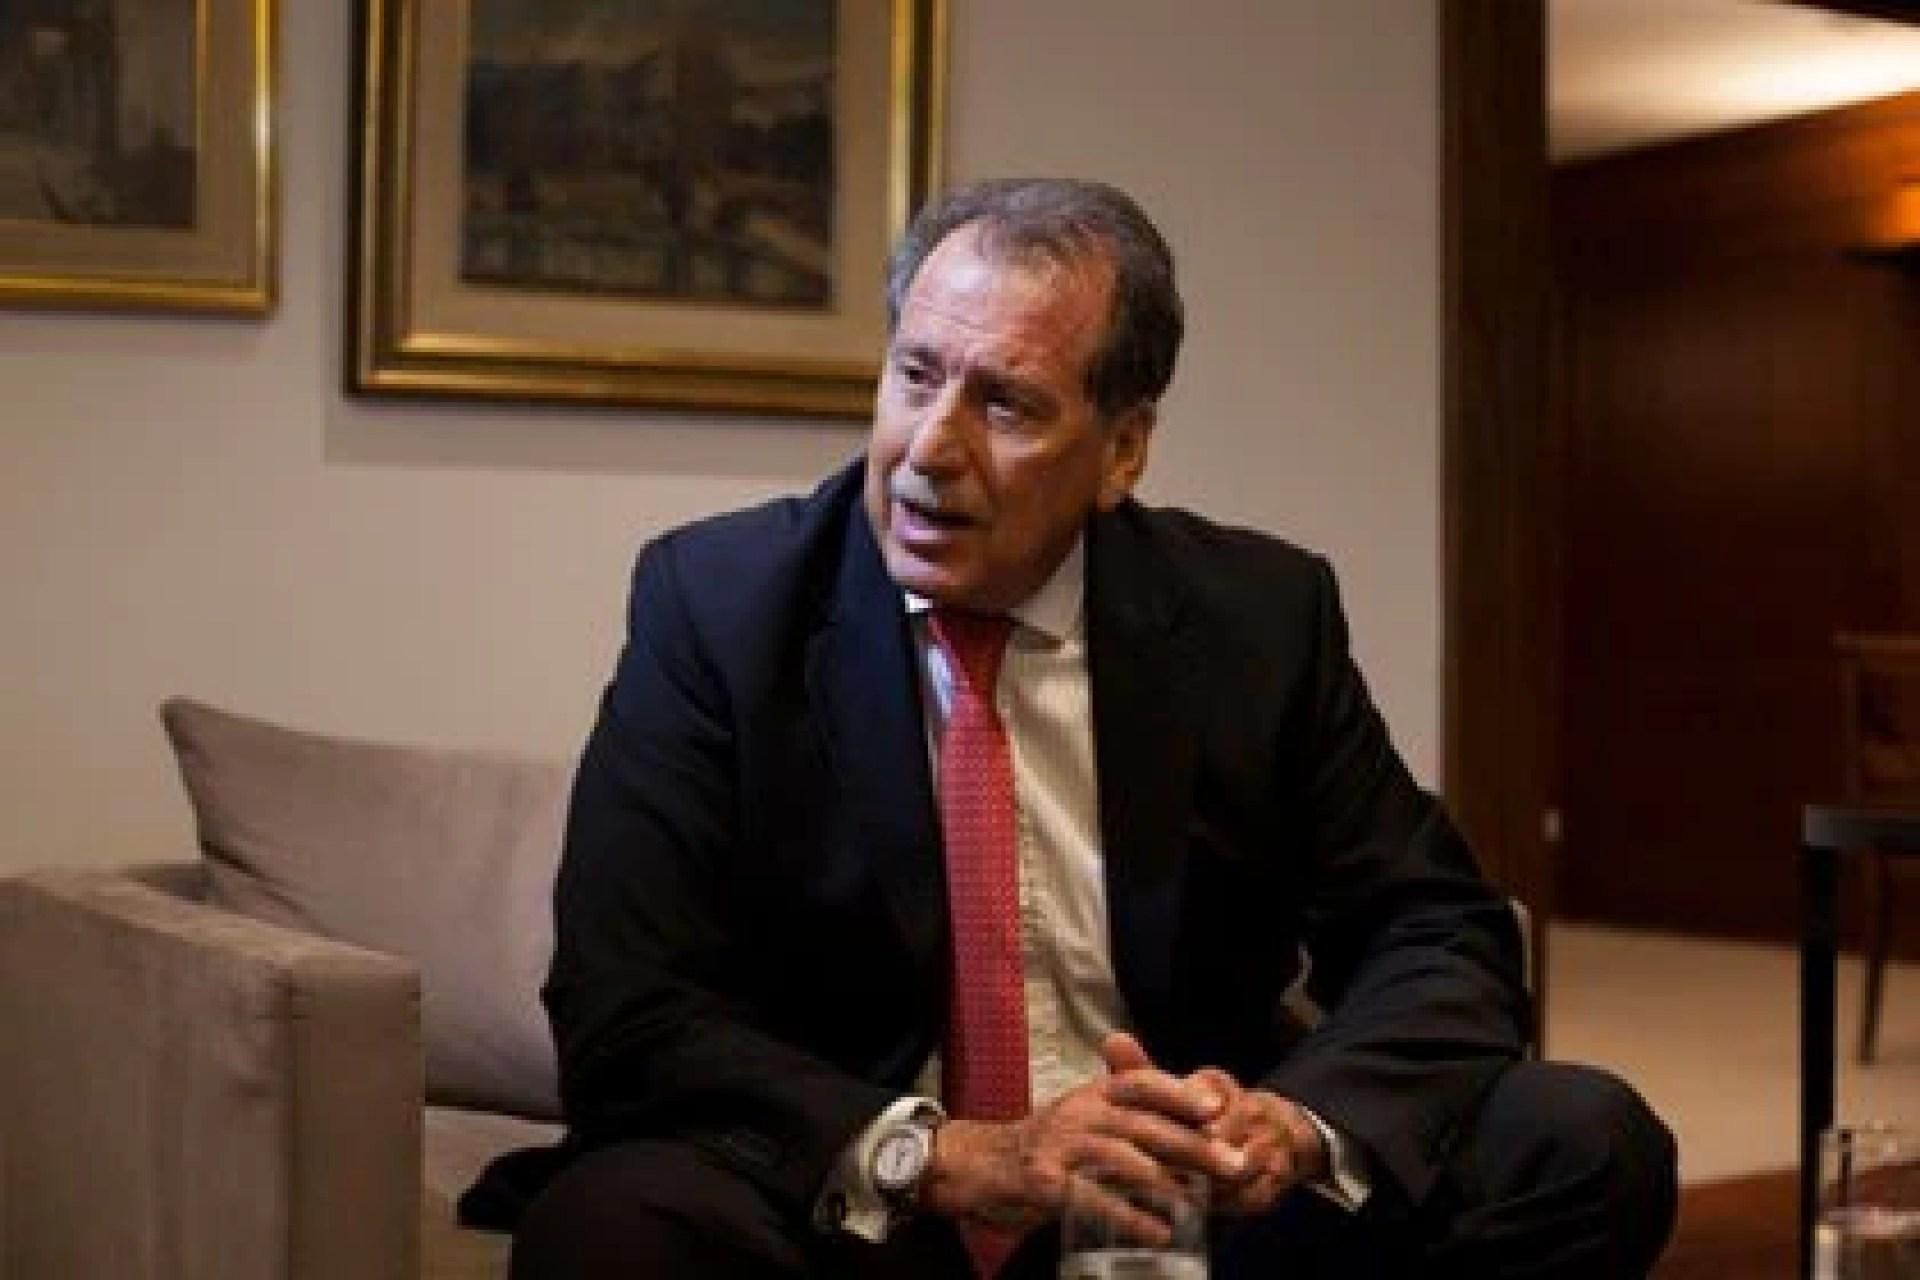 El banquero Jorge Brito murió ayer, 20 de noviembre, al caer el helicóptero en que viajaba (Diego Levy / Bloomberg)